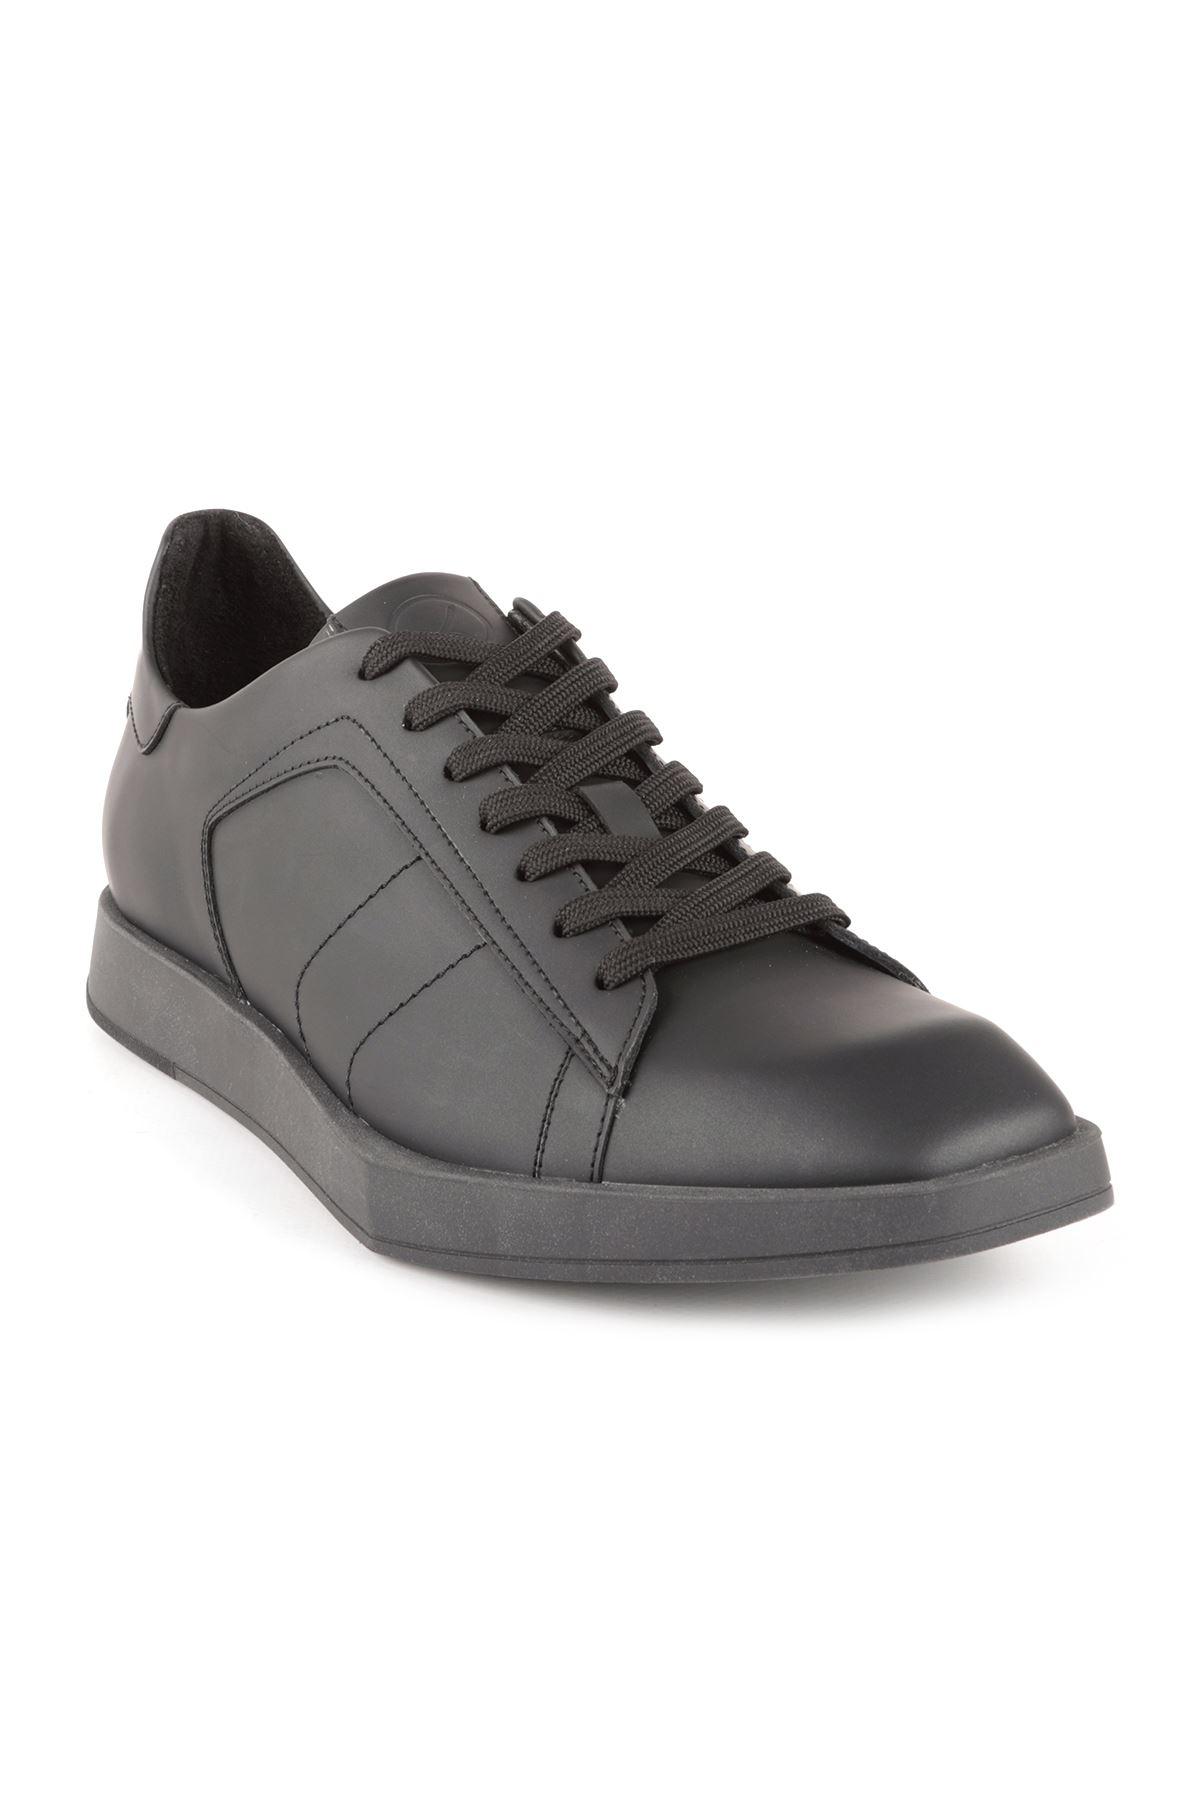 Libero L3805 Erkek Spor Ayakkabı